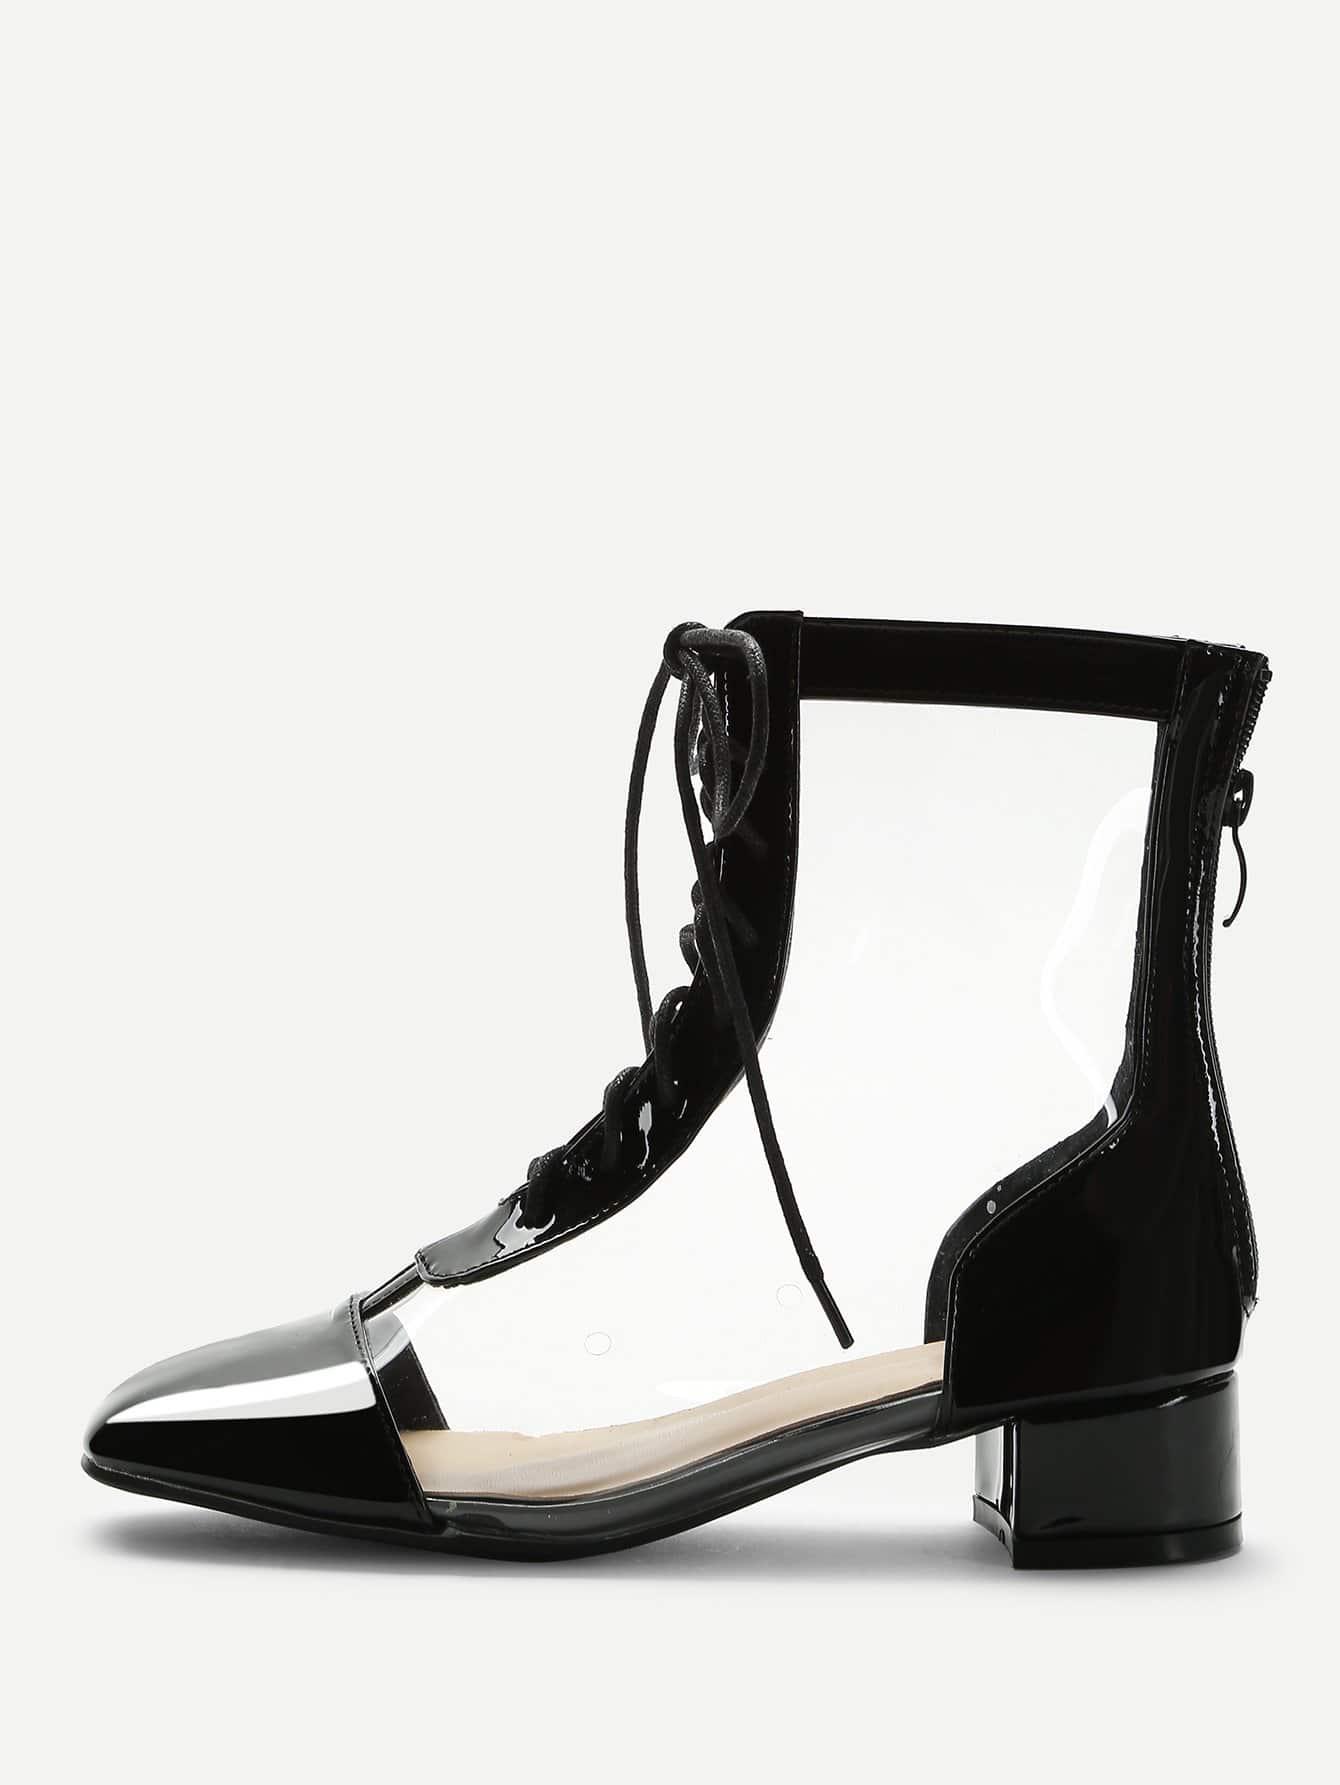 Прозрачные PVC сапоги и с шнурками, null, SheIn  - купить со скидкой